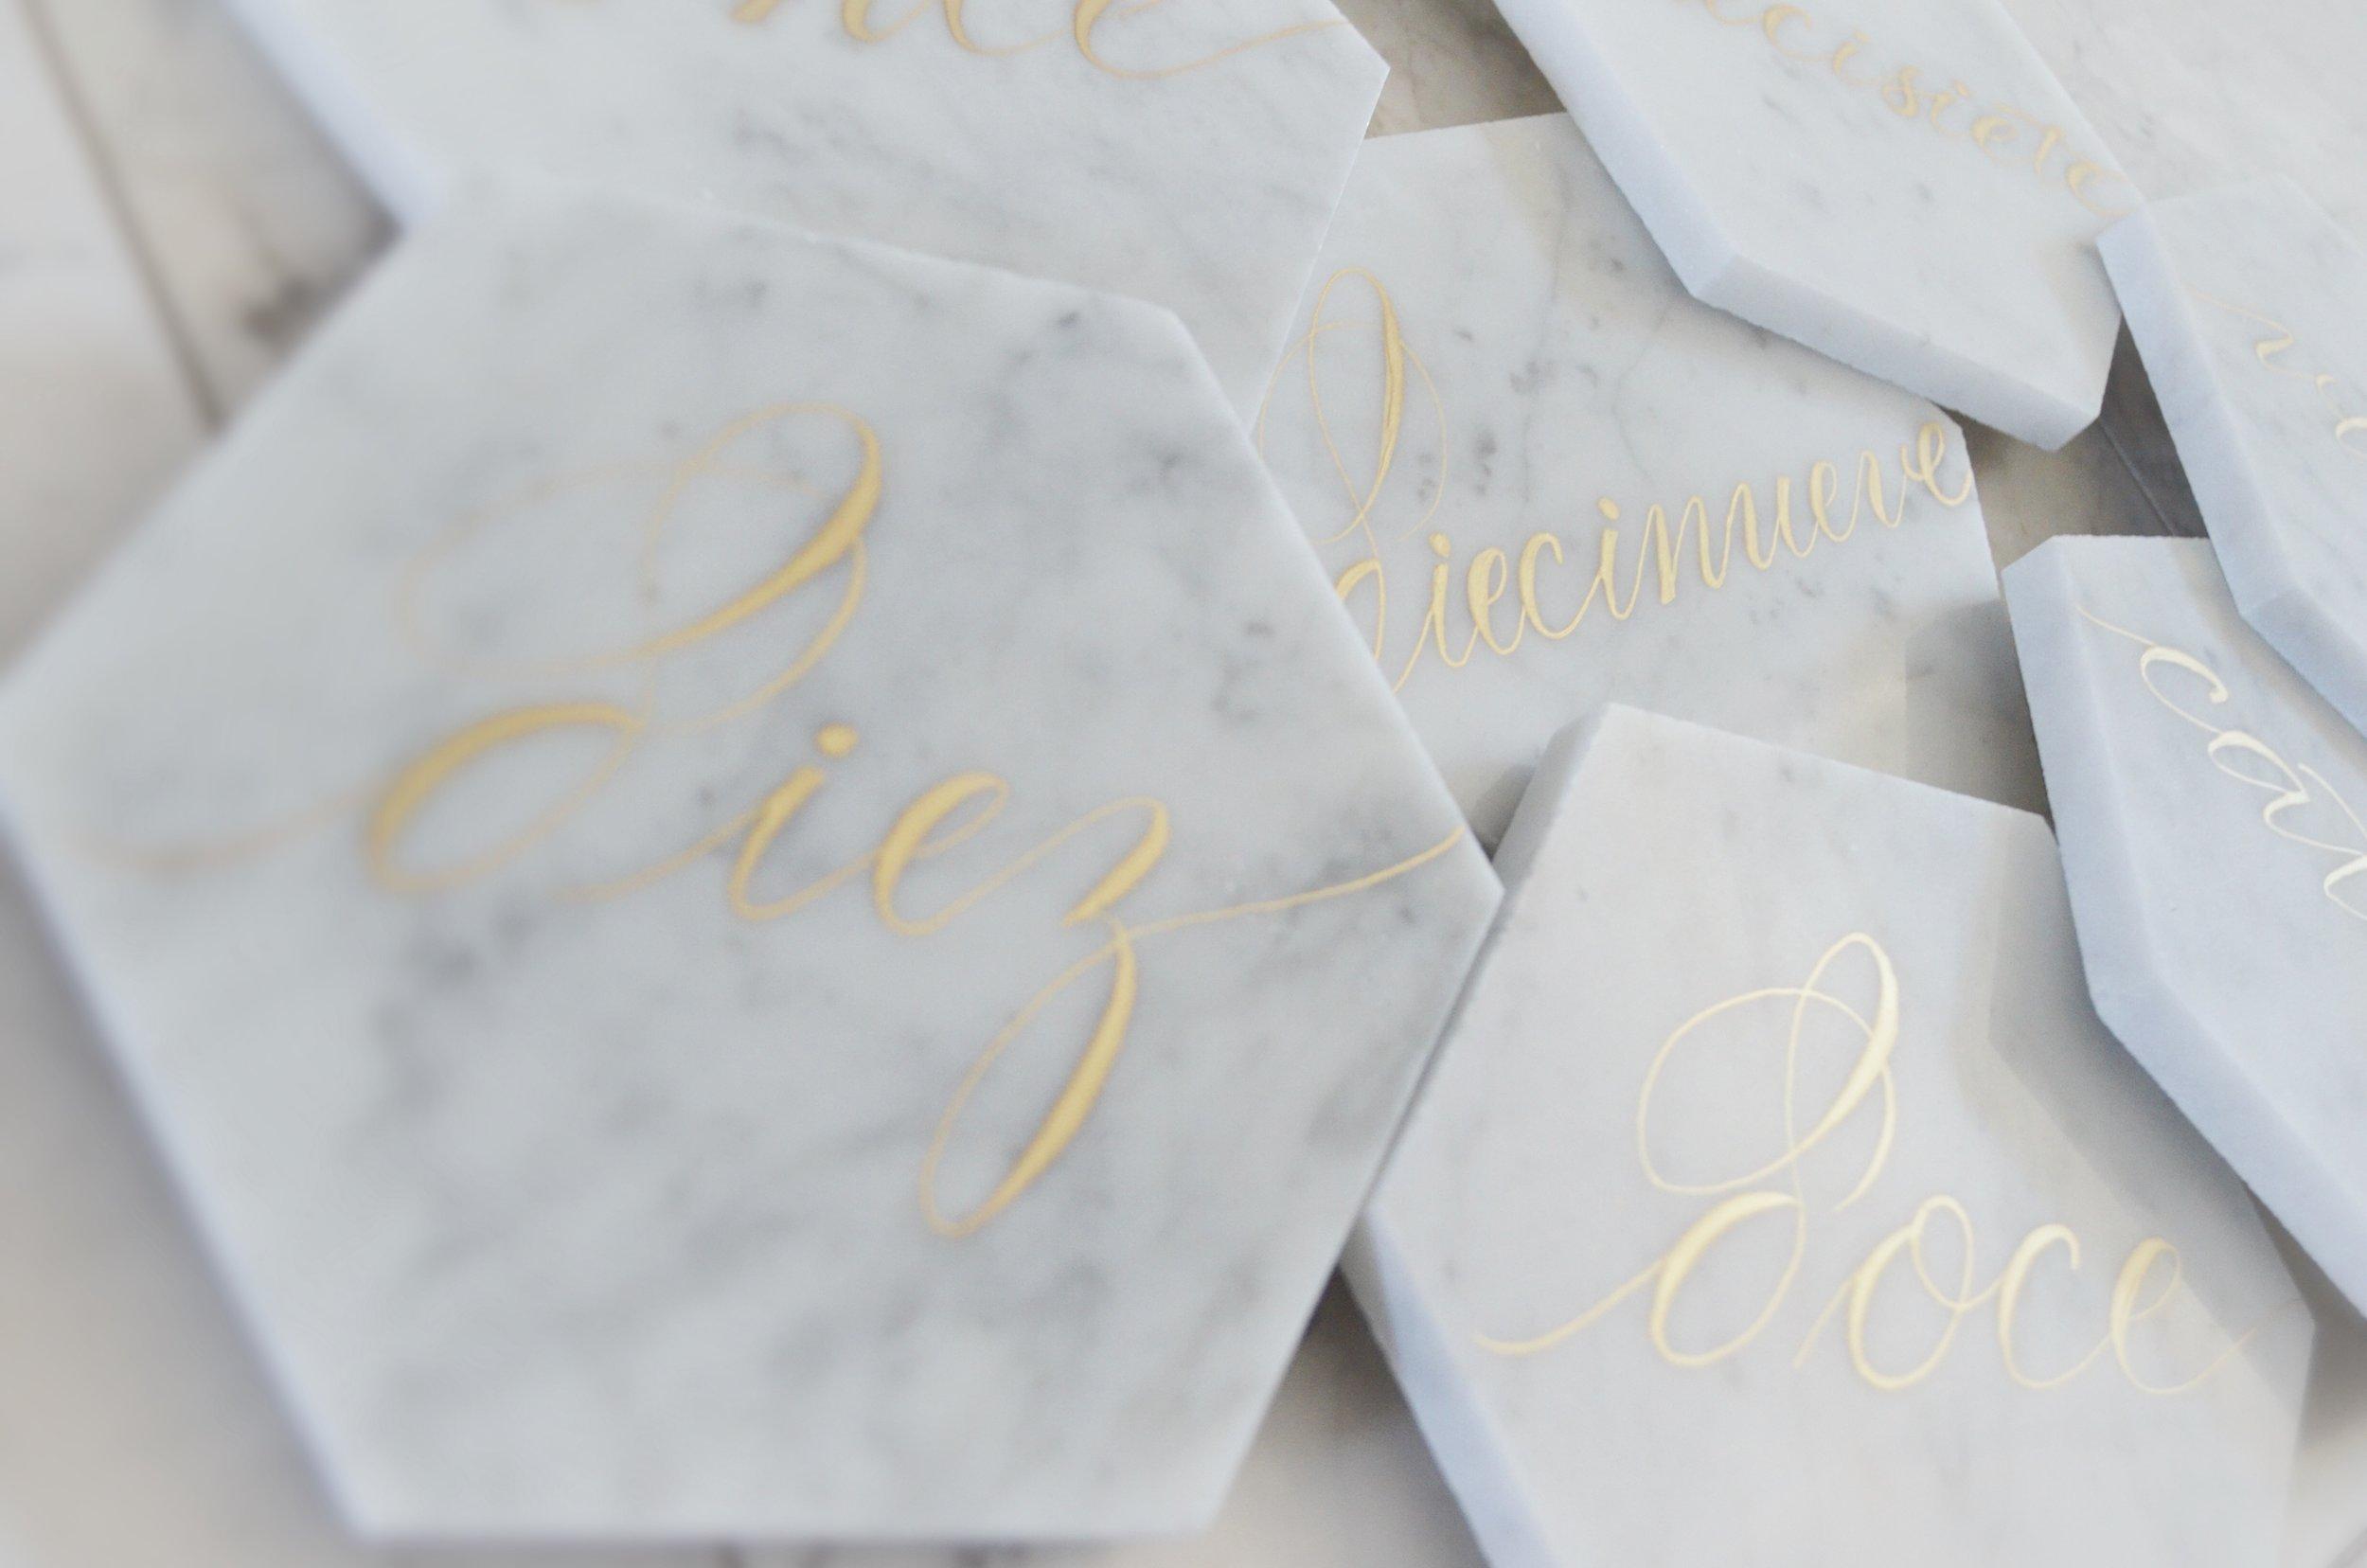 Marble tile houston calligraphy 2018 1.jpeg